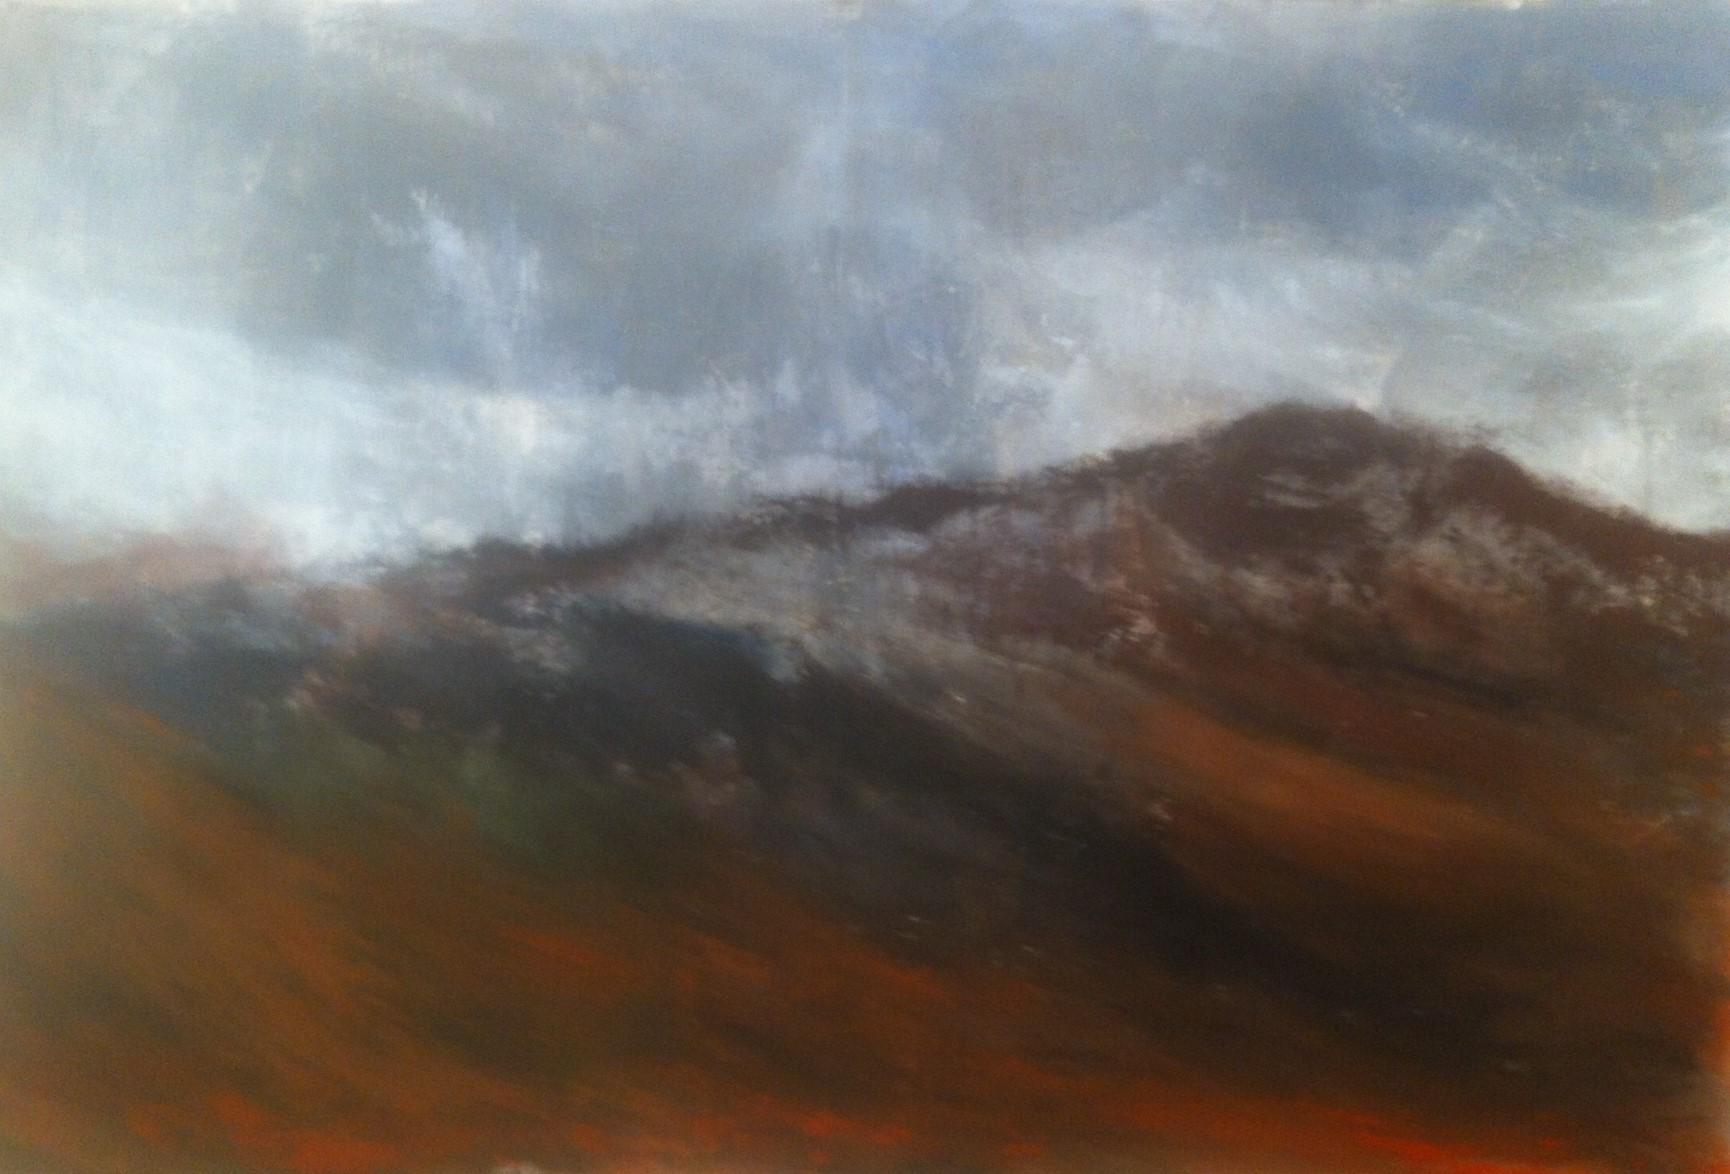 N°1870 - Colline d'automne - Acrylique sur toile - 130 x 195 cm - 9 mai 2015